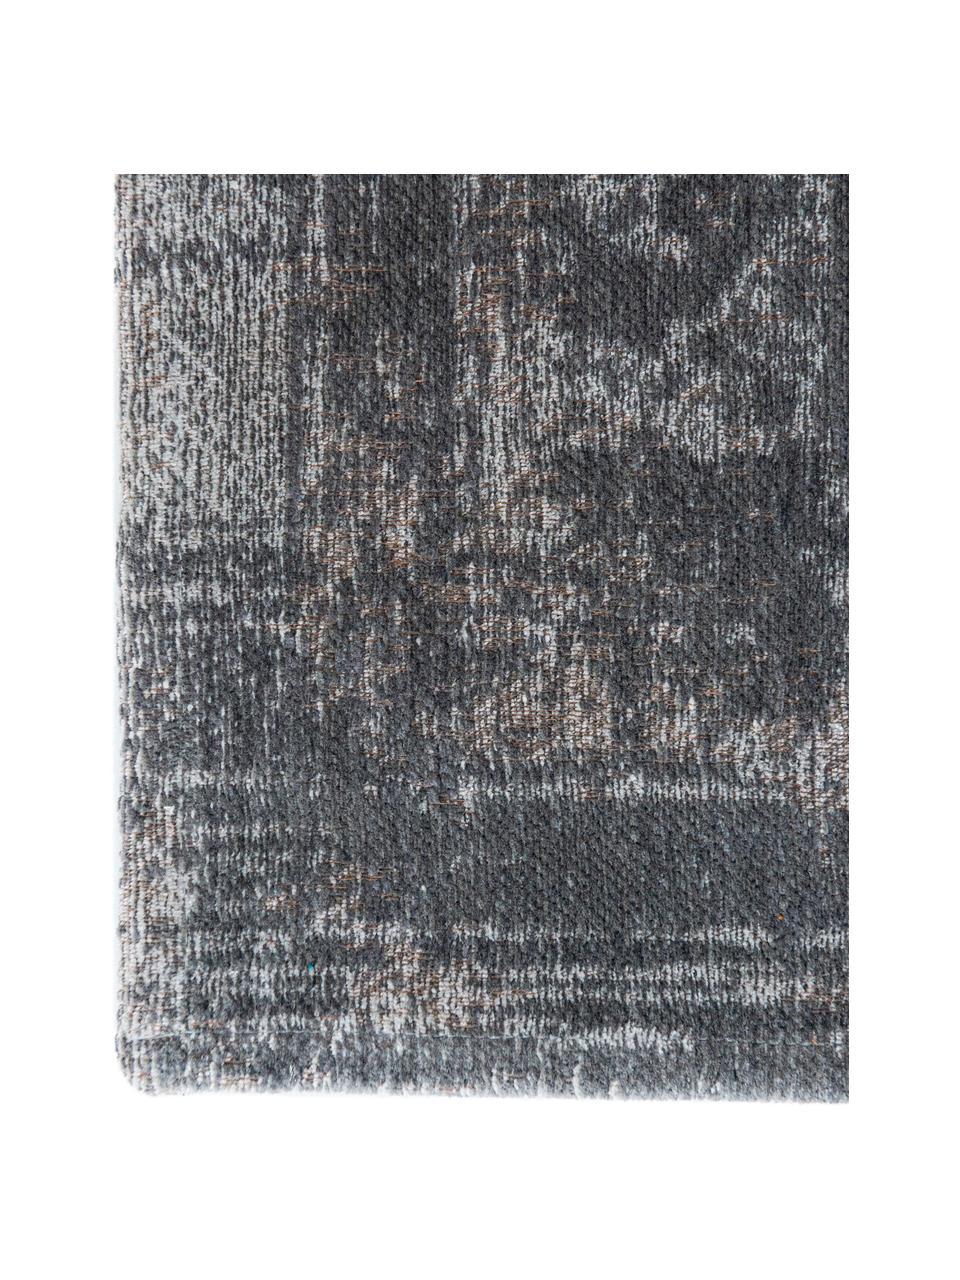 Dywan szenilowy w stylu vintage Medaillon, Szary, beżowy, S 80 x D 150 cm (Rozmiar XS)